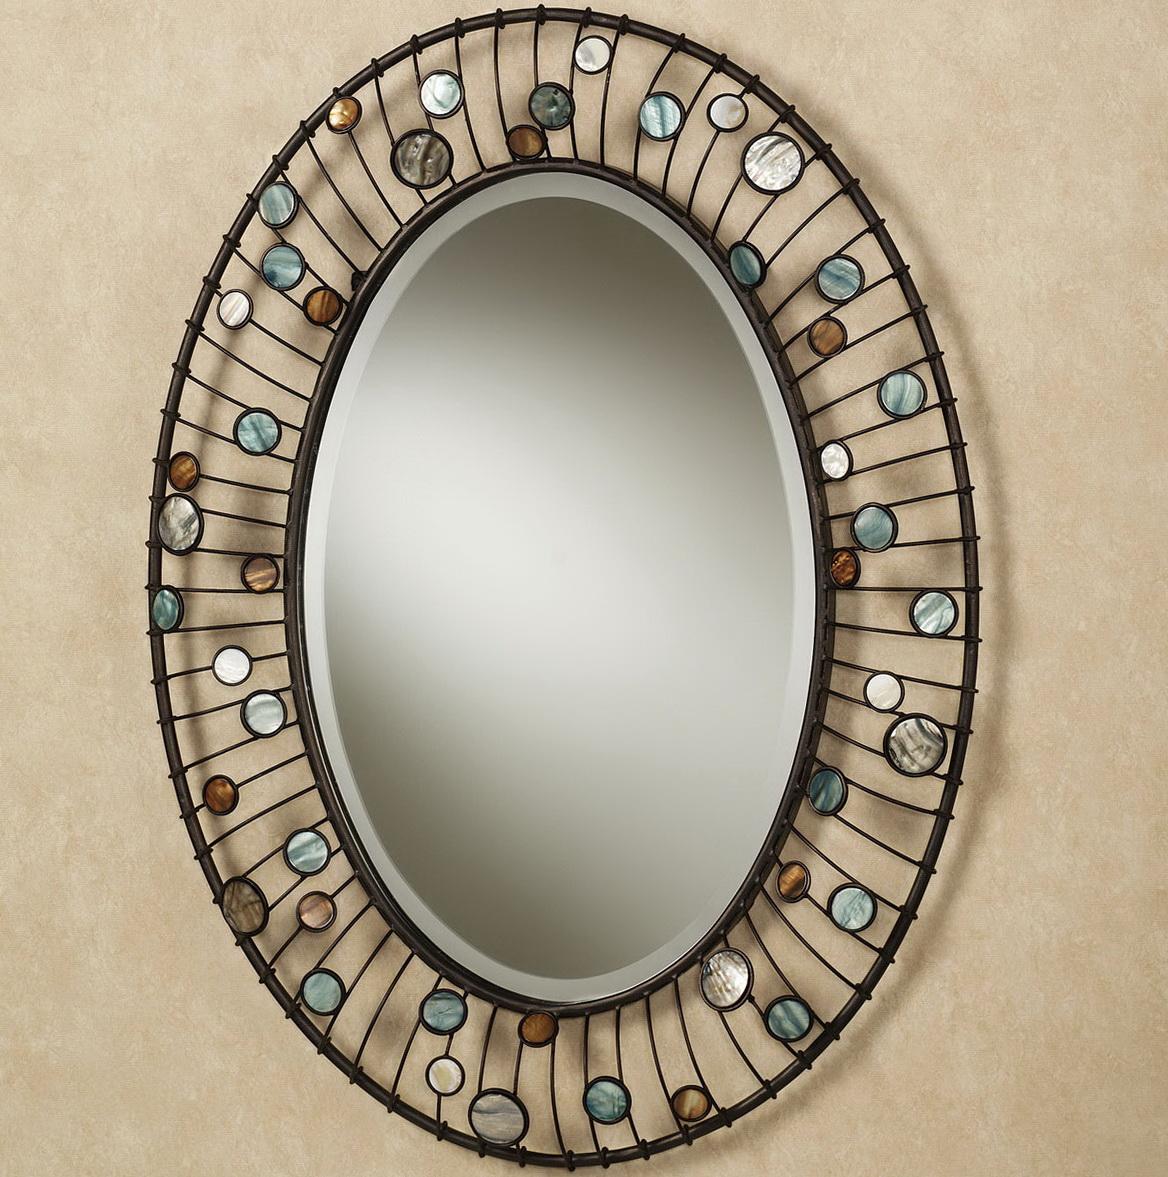 Framed Oval Bathroom Mirrors